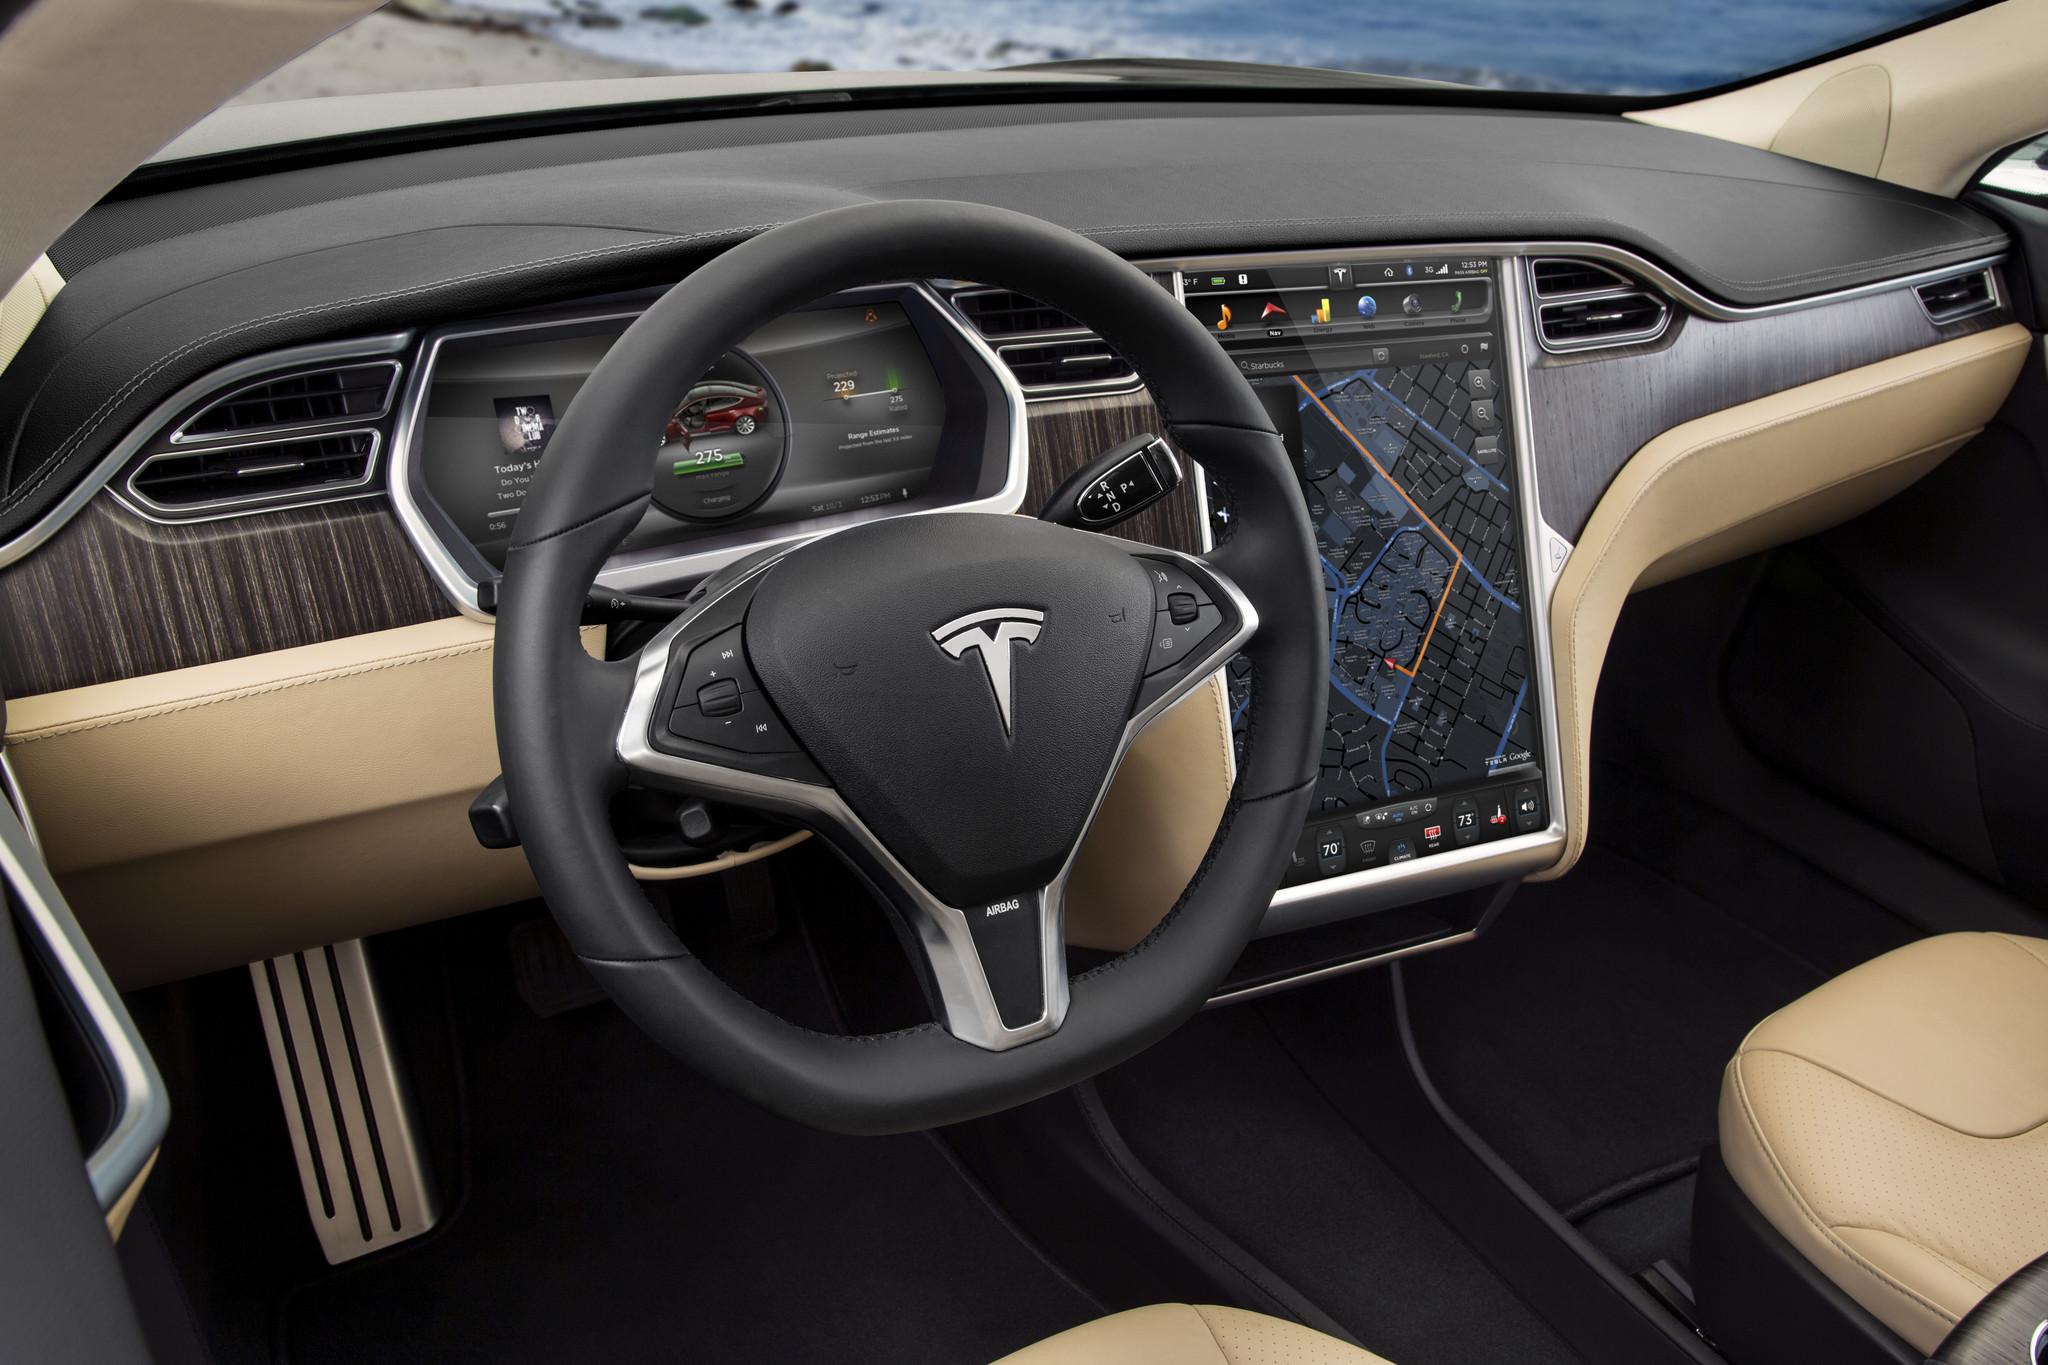 Tesla confirms affordable Model 3 for 2017